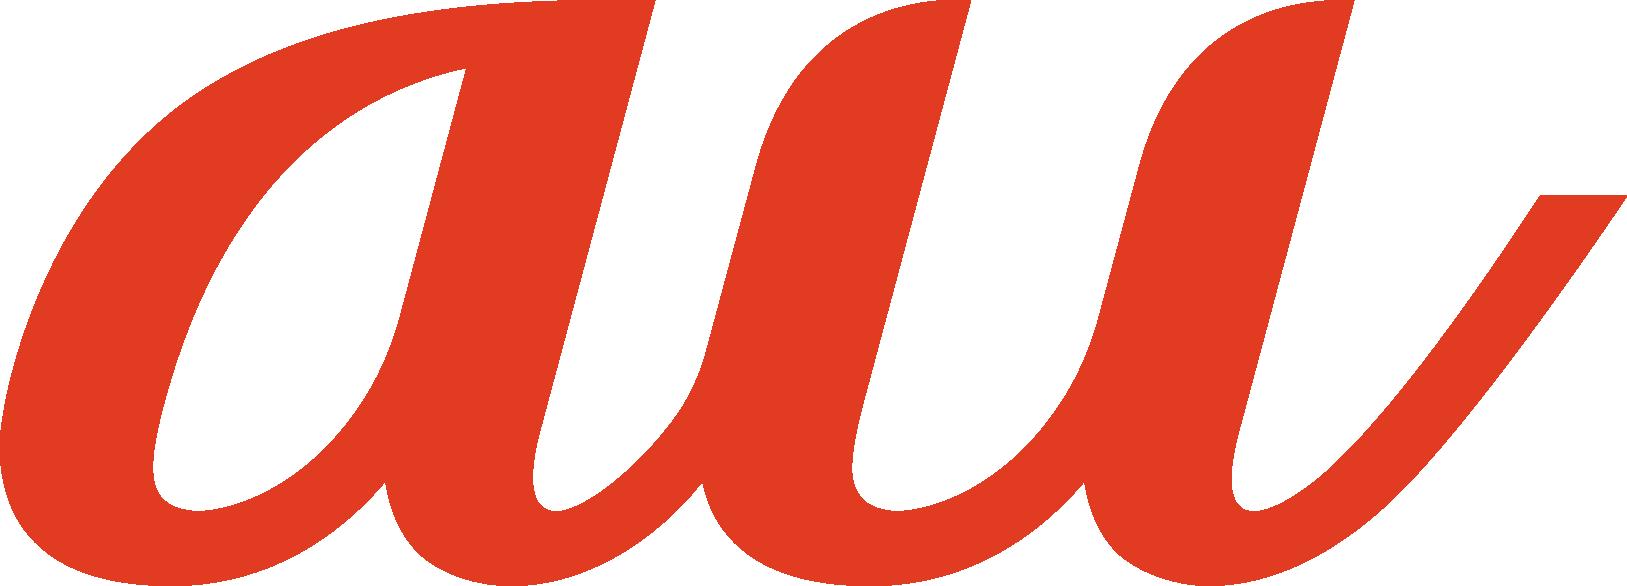 AU Logo [Mobile Phone].